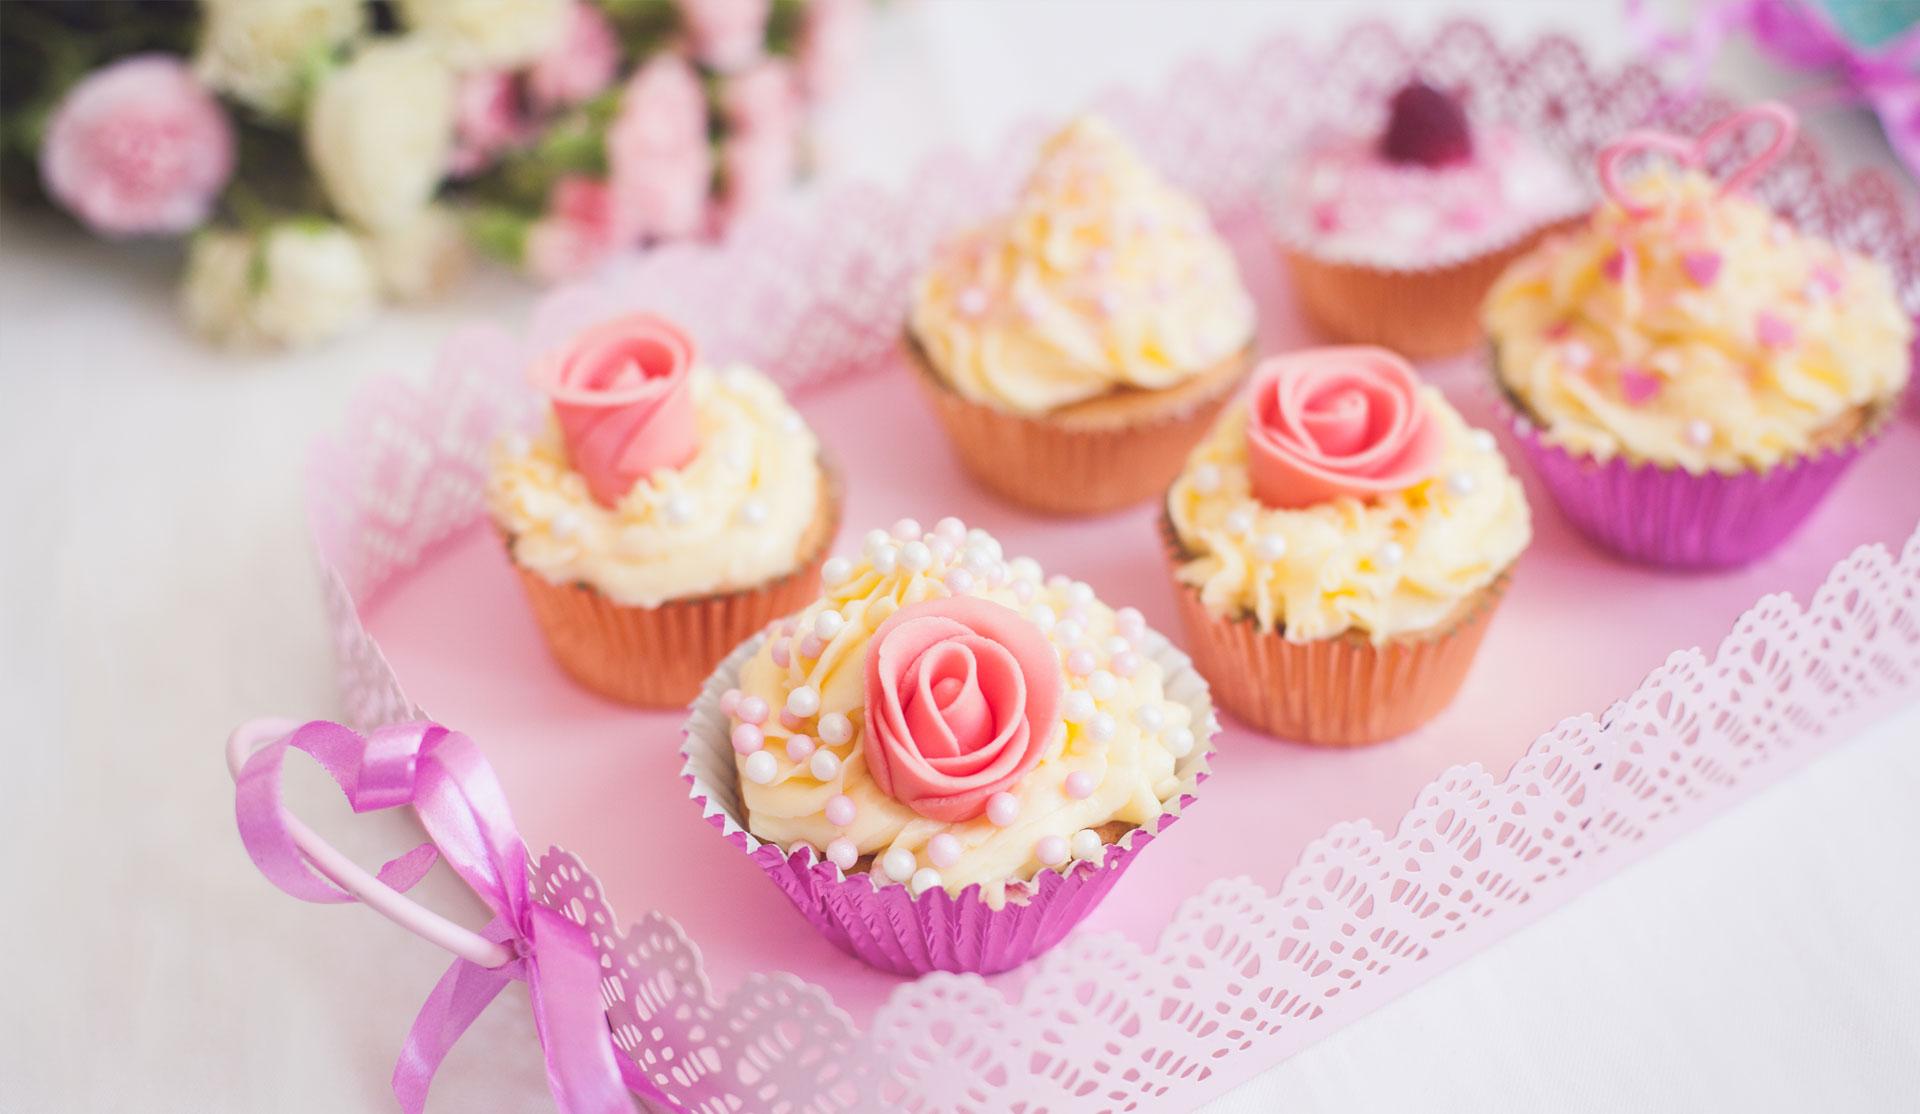 Süßes zum Verlieben